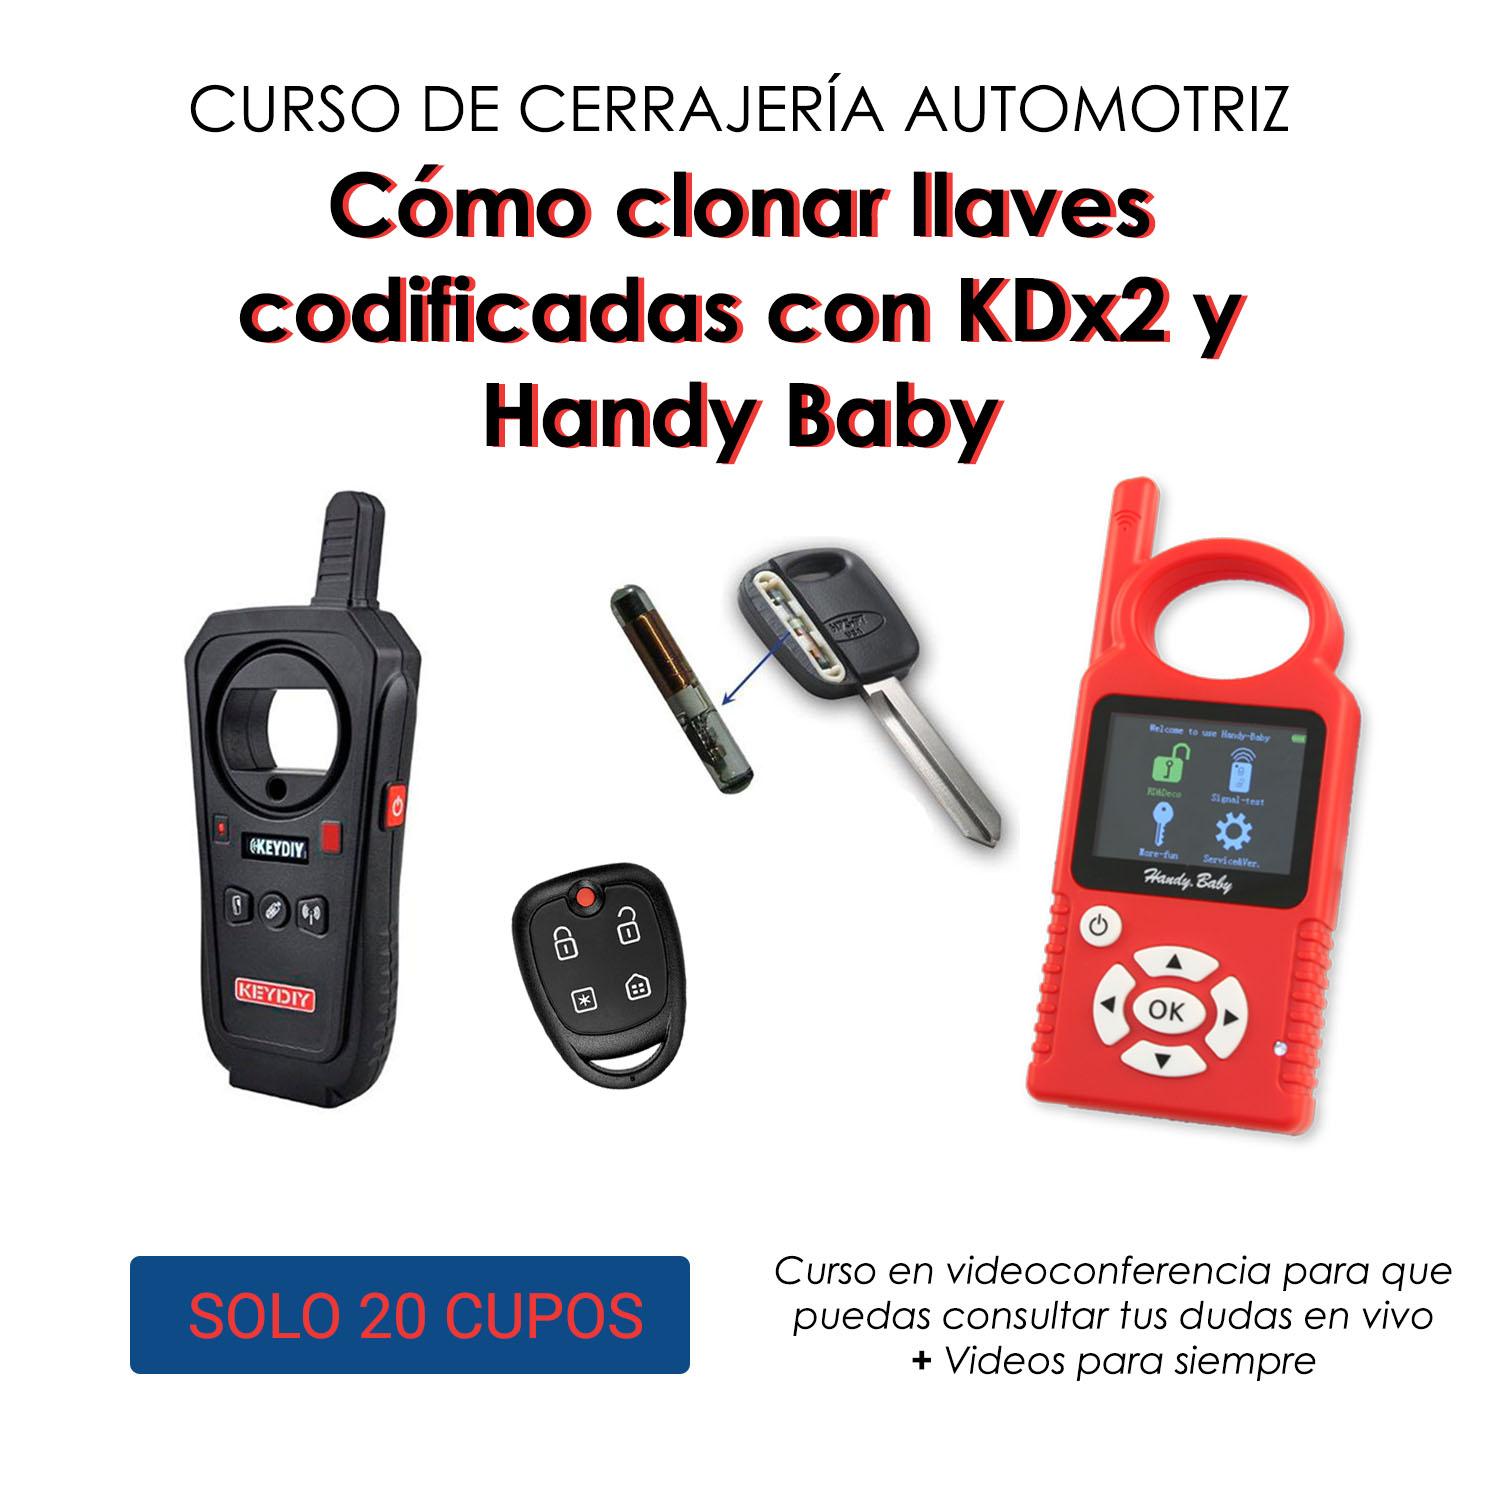 Cerrajeria Automotor: Como realizar un duplicado de llaves codificadas - KDx2 y Handy Baby